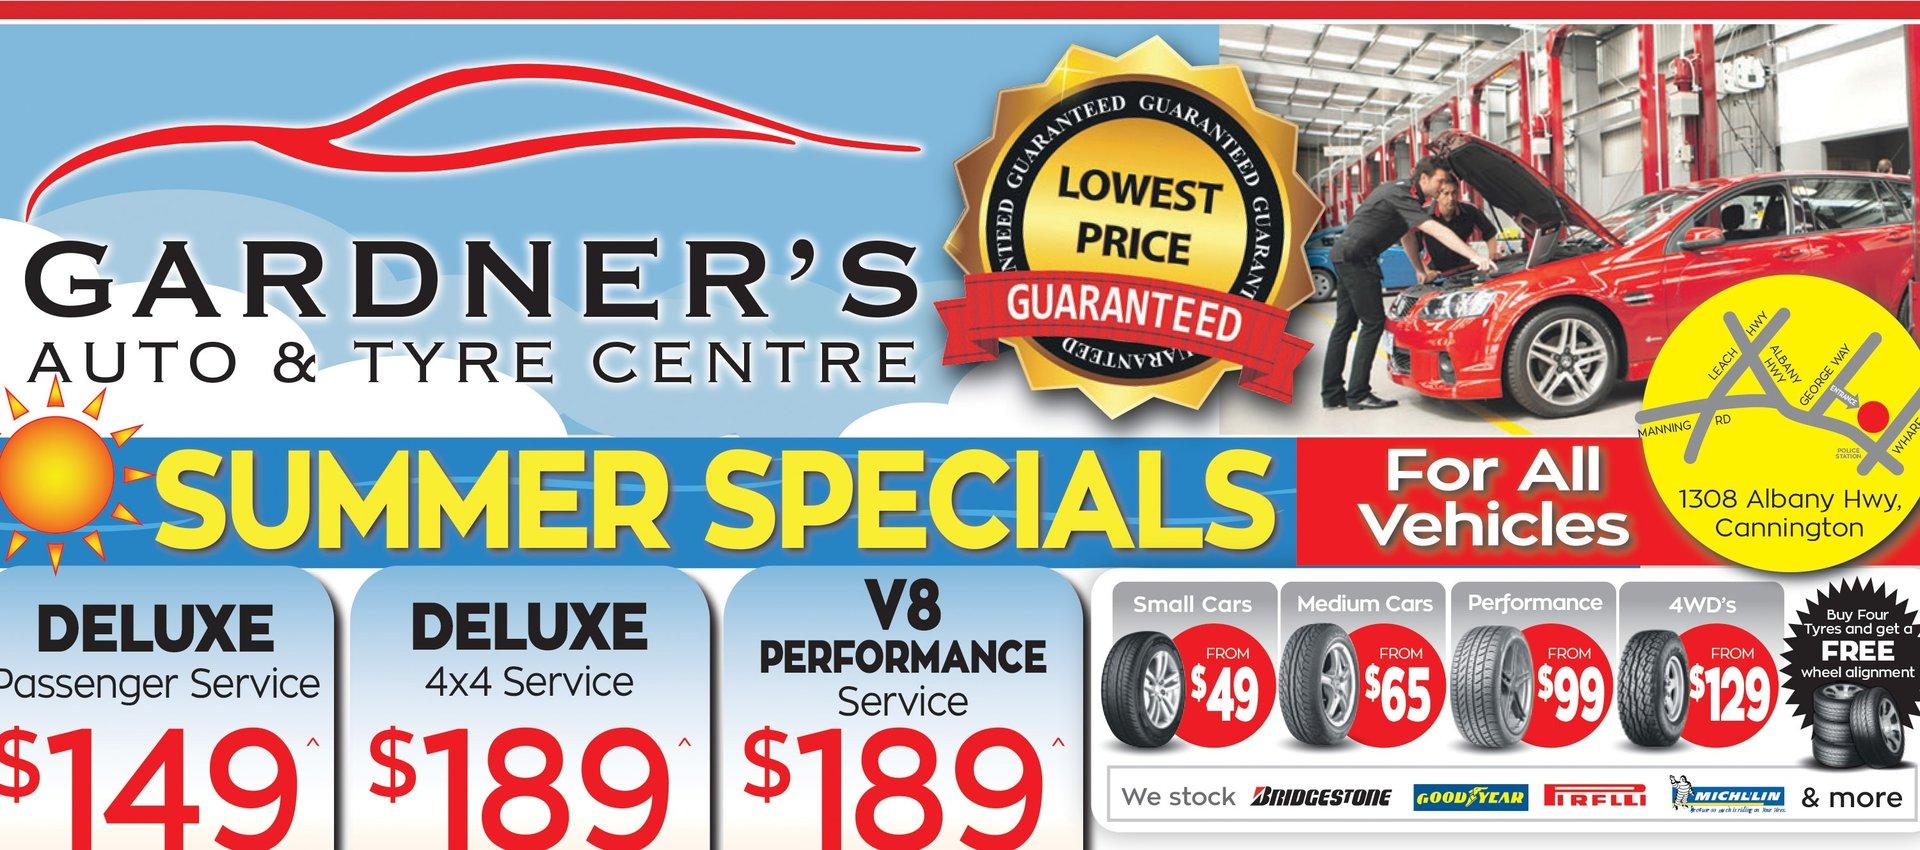 Gardner's Summer Specials